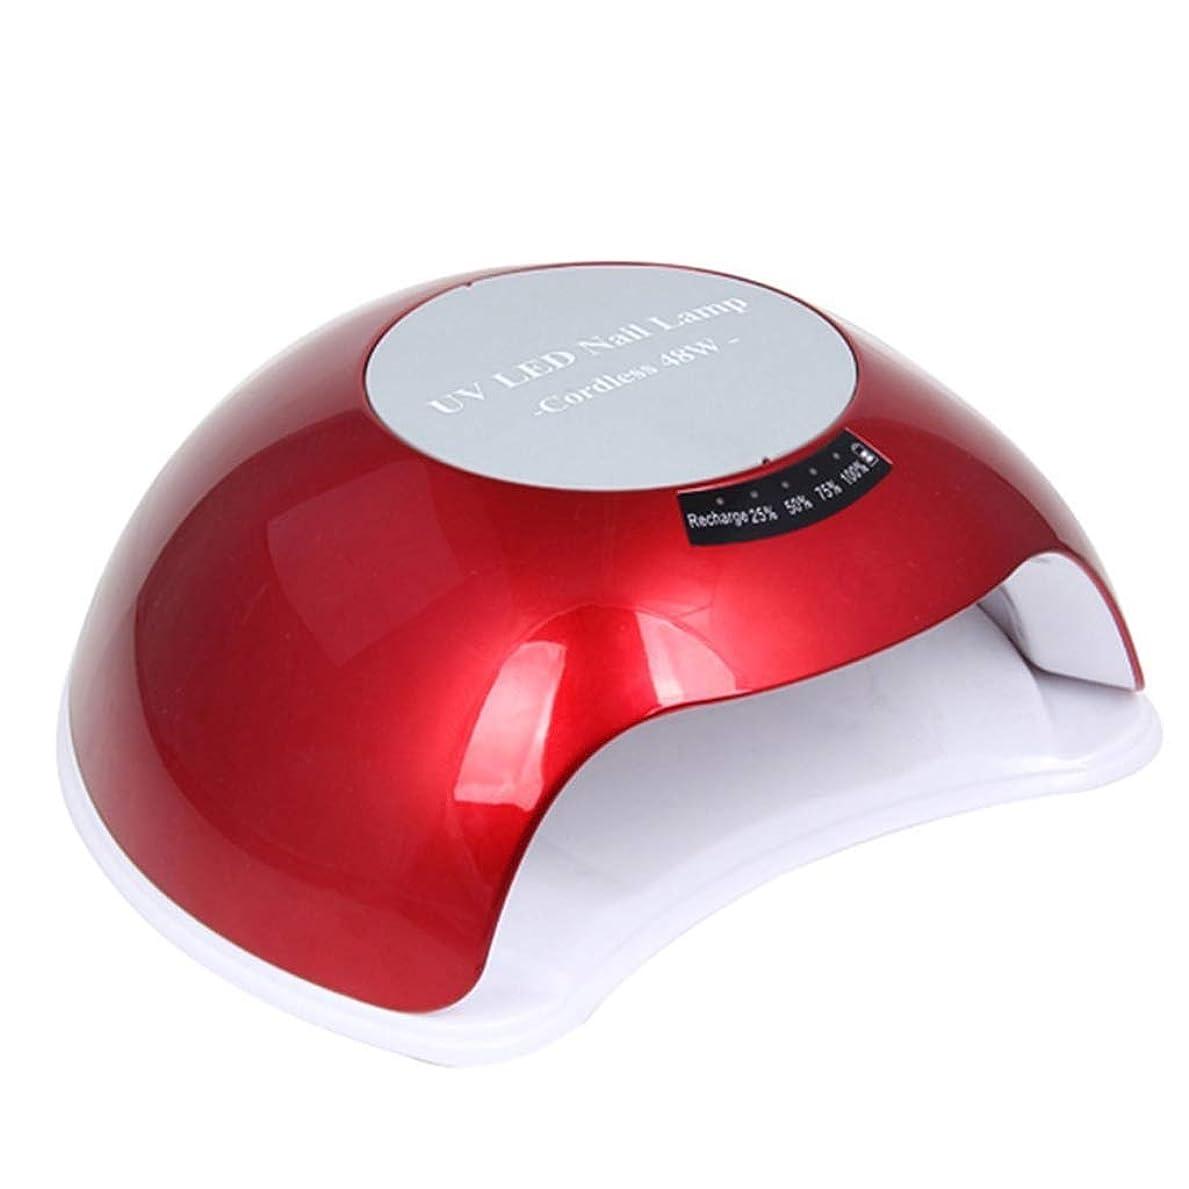 スリップシューズサイズ太いYalztc-zyq16 Led省エネランプダブルランプモードネイルドライヤー48ワット自動光線療法機用ネイルグルー乾燥31ランプビーズをすばやく乾燥すべてのグルー (色 : 赤)